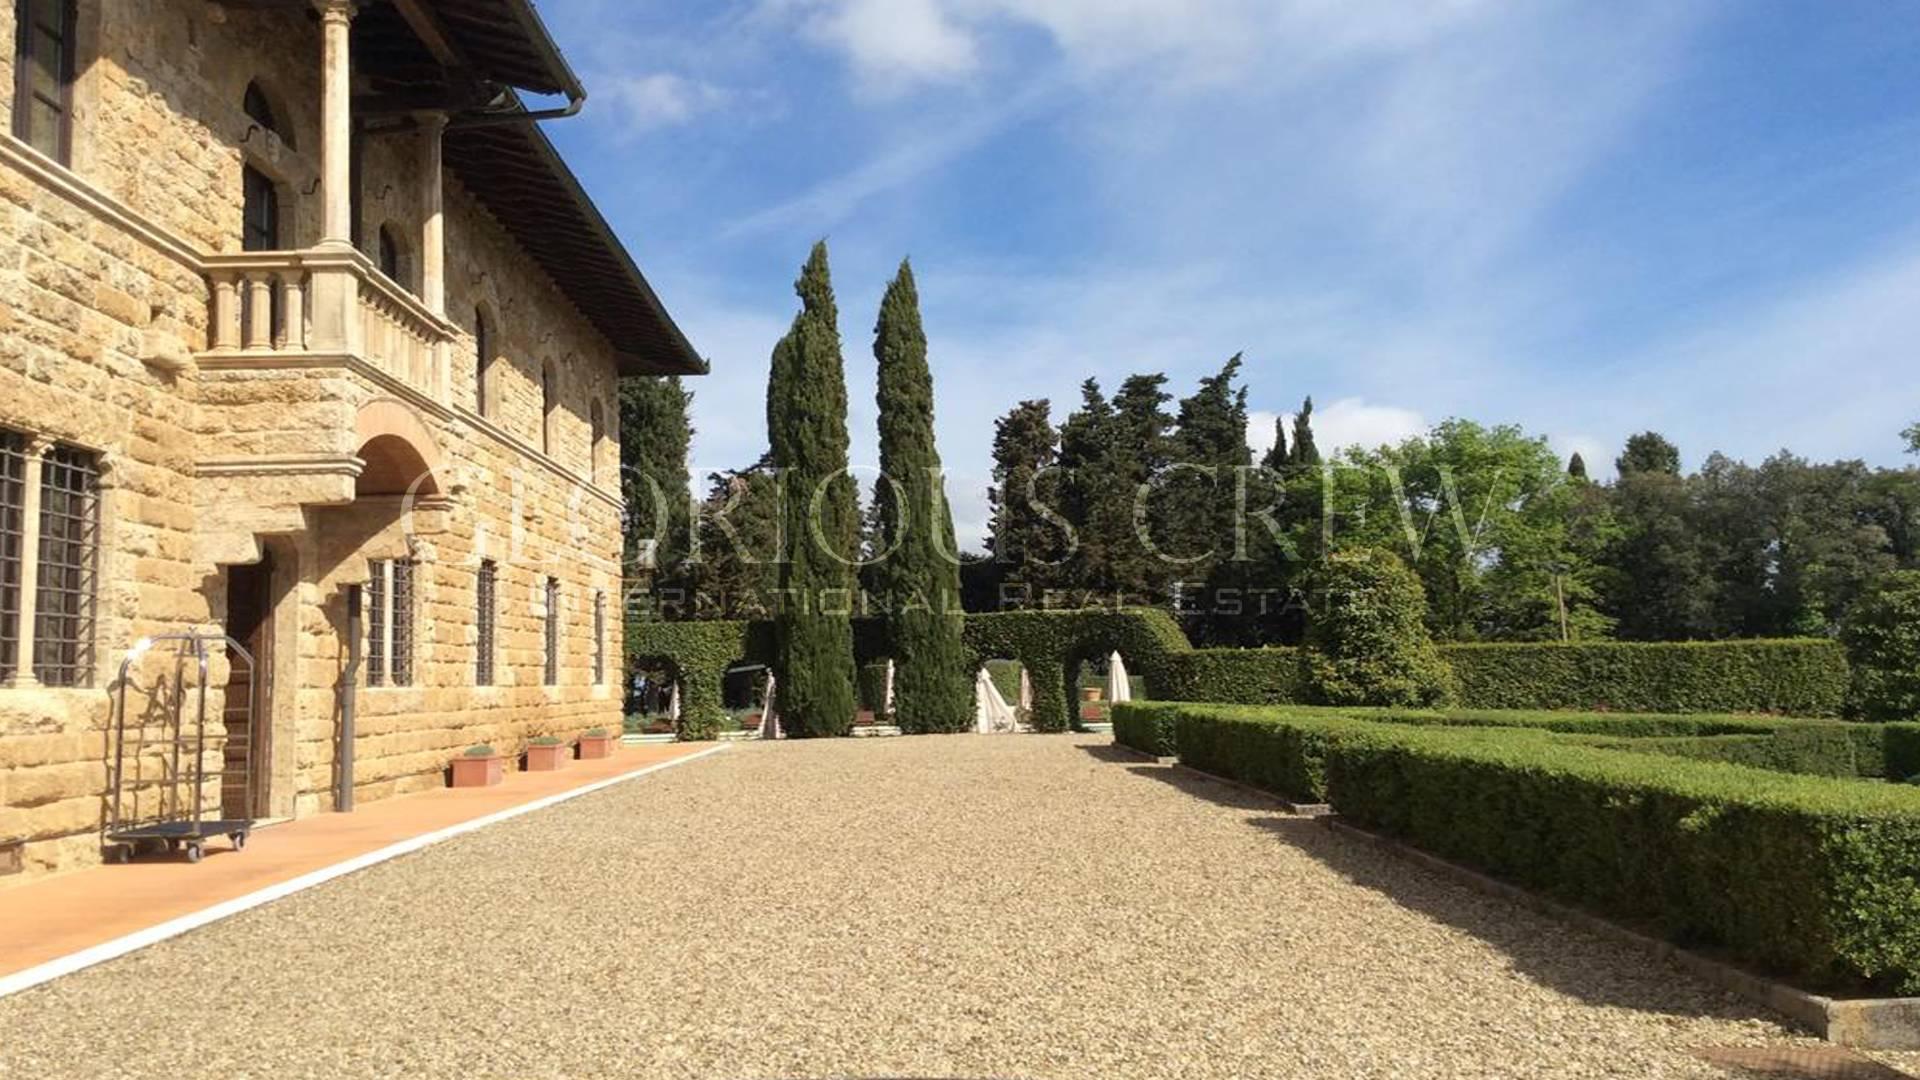 Rustico in Vendita a San Gimignano: 5 locali, 2500 mq - Foto 9